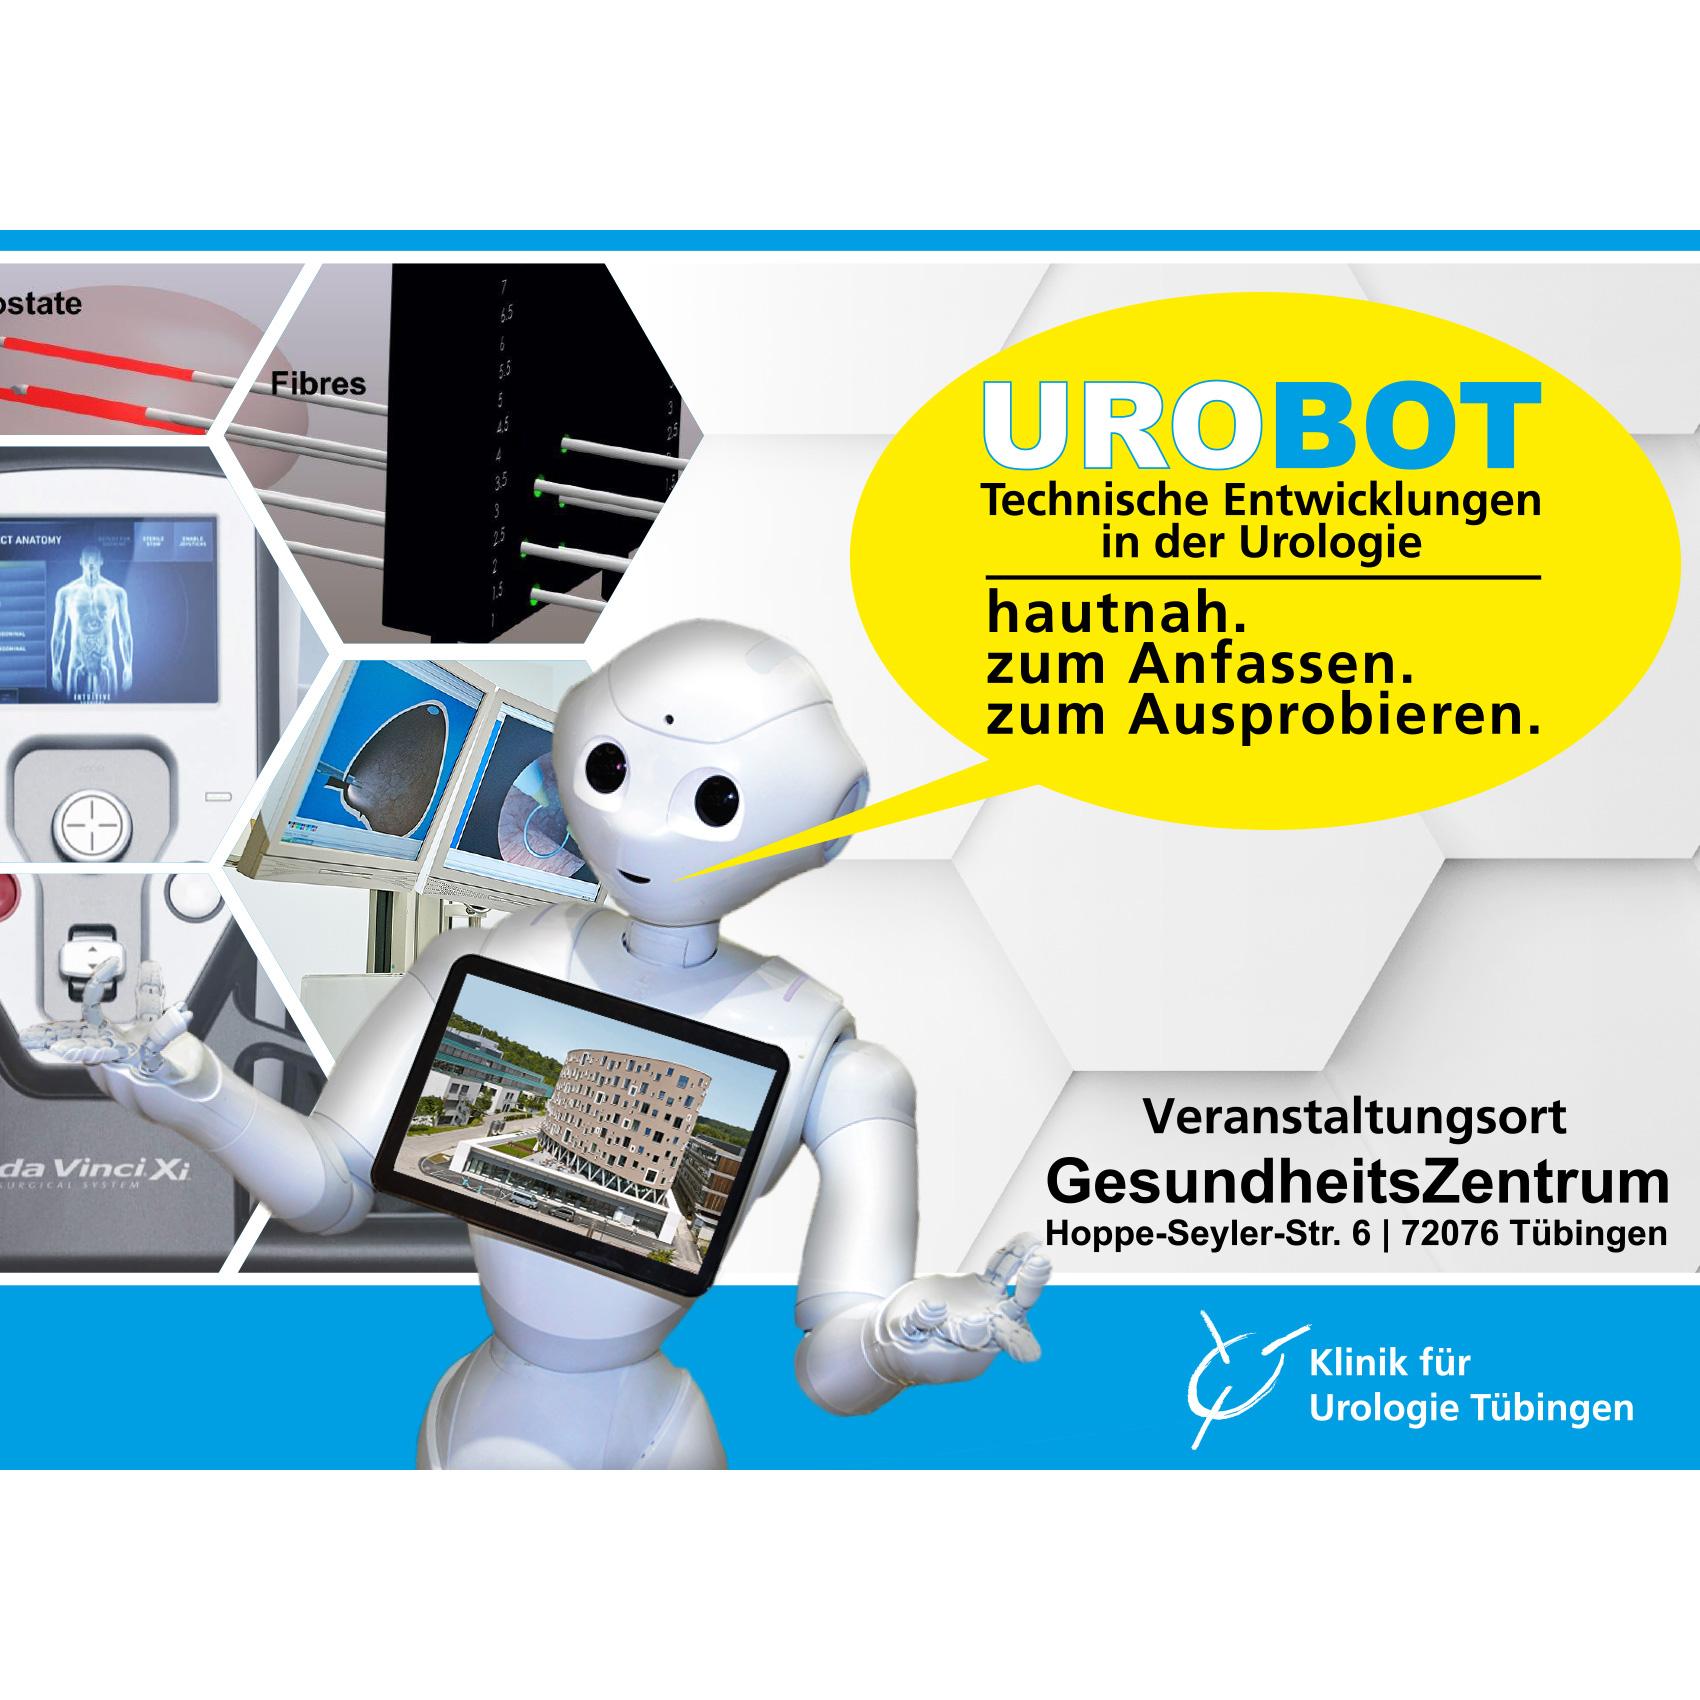 09.05.2018 - Veranstaltung UroBot